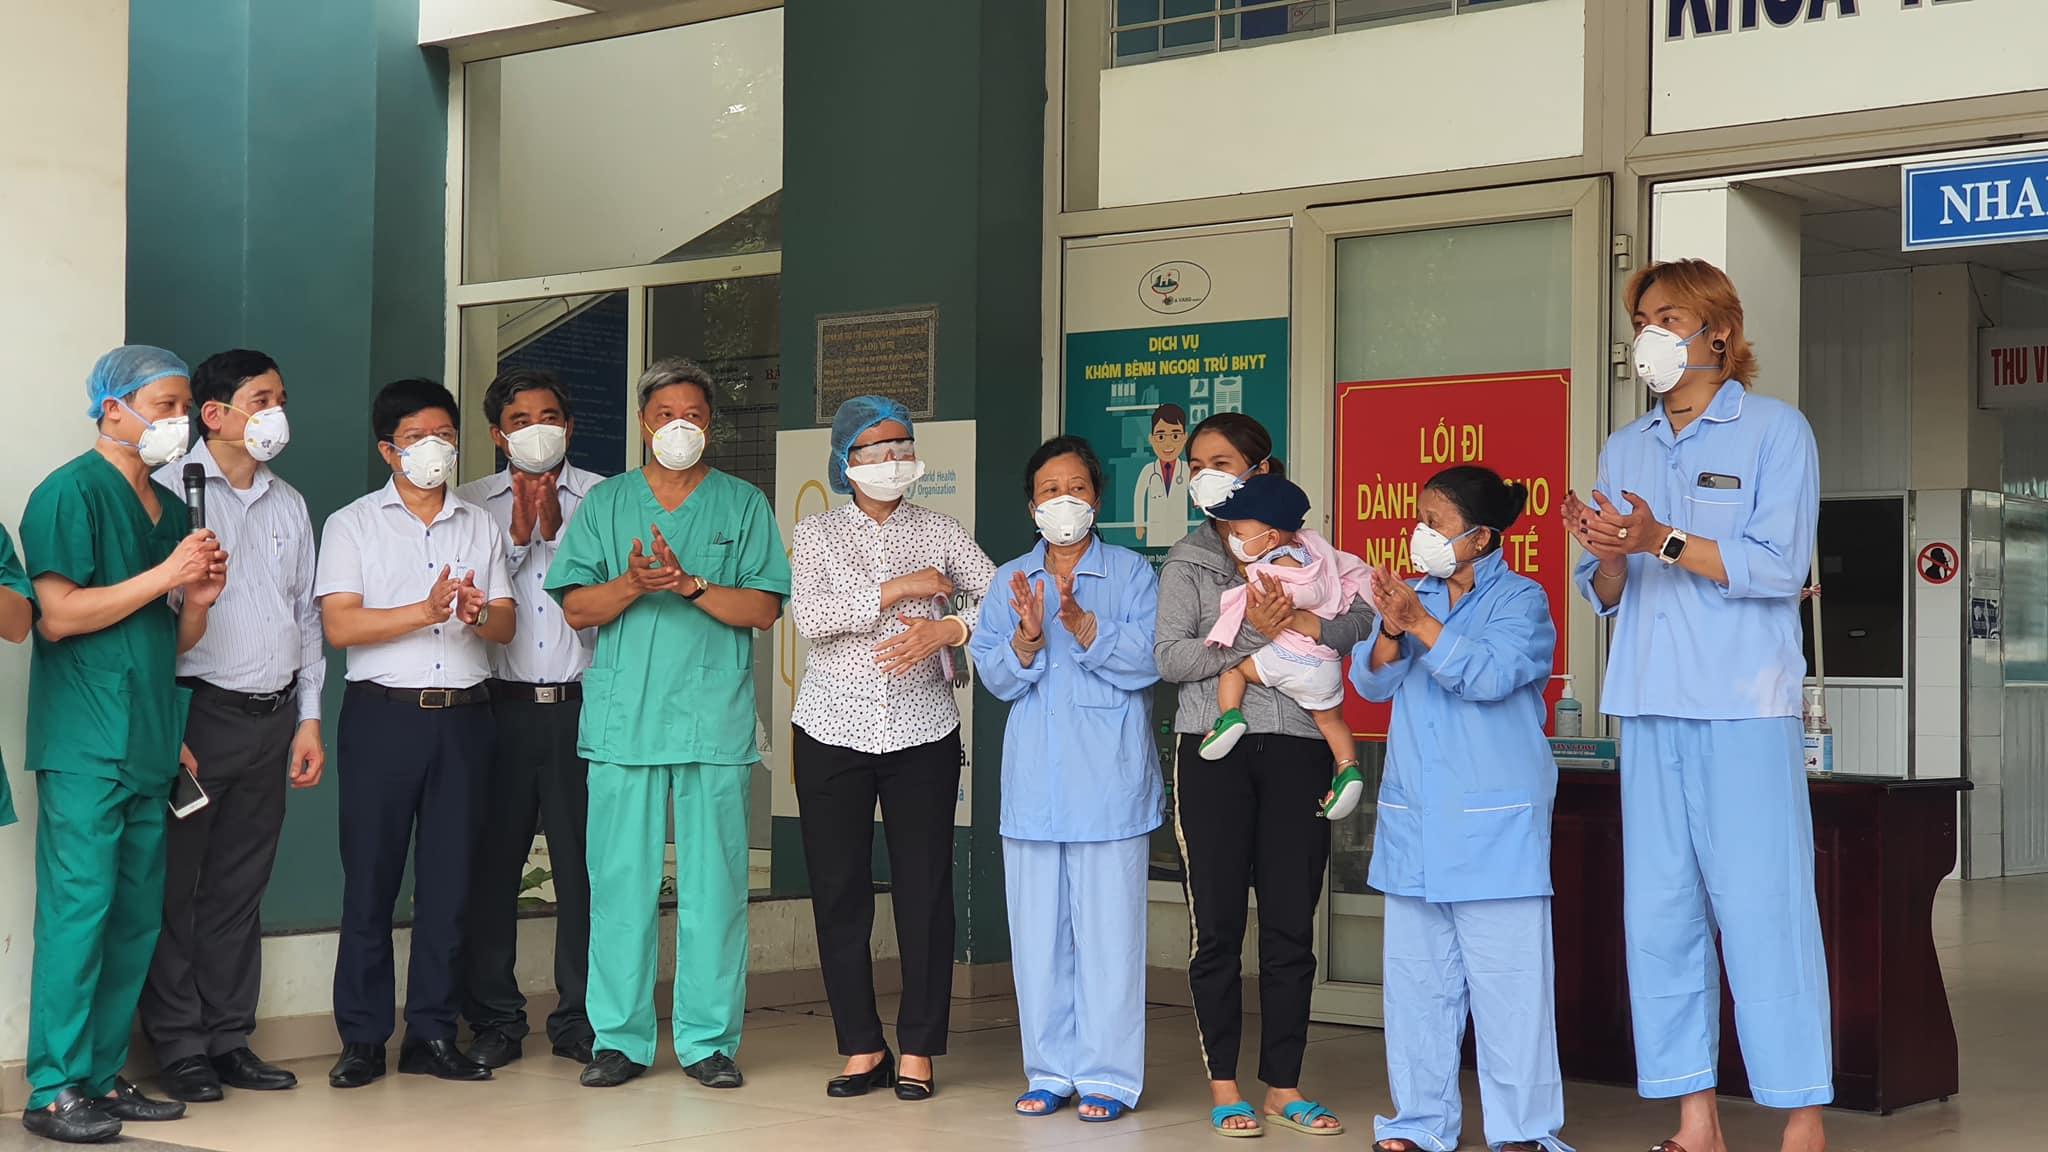 10 bệnh nhân nhiễm COVID-19 ở Đà Nẵng được công bố khỏi bệnh - 1